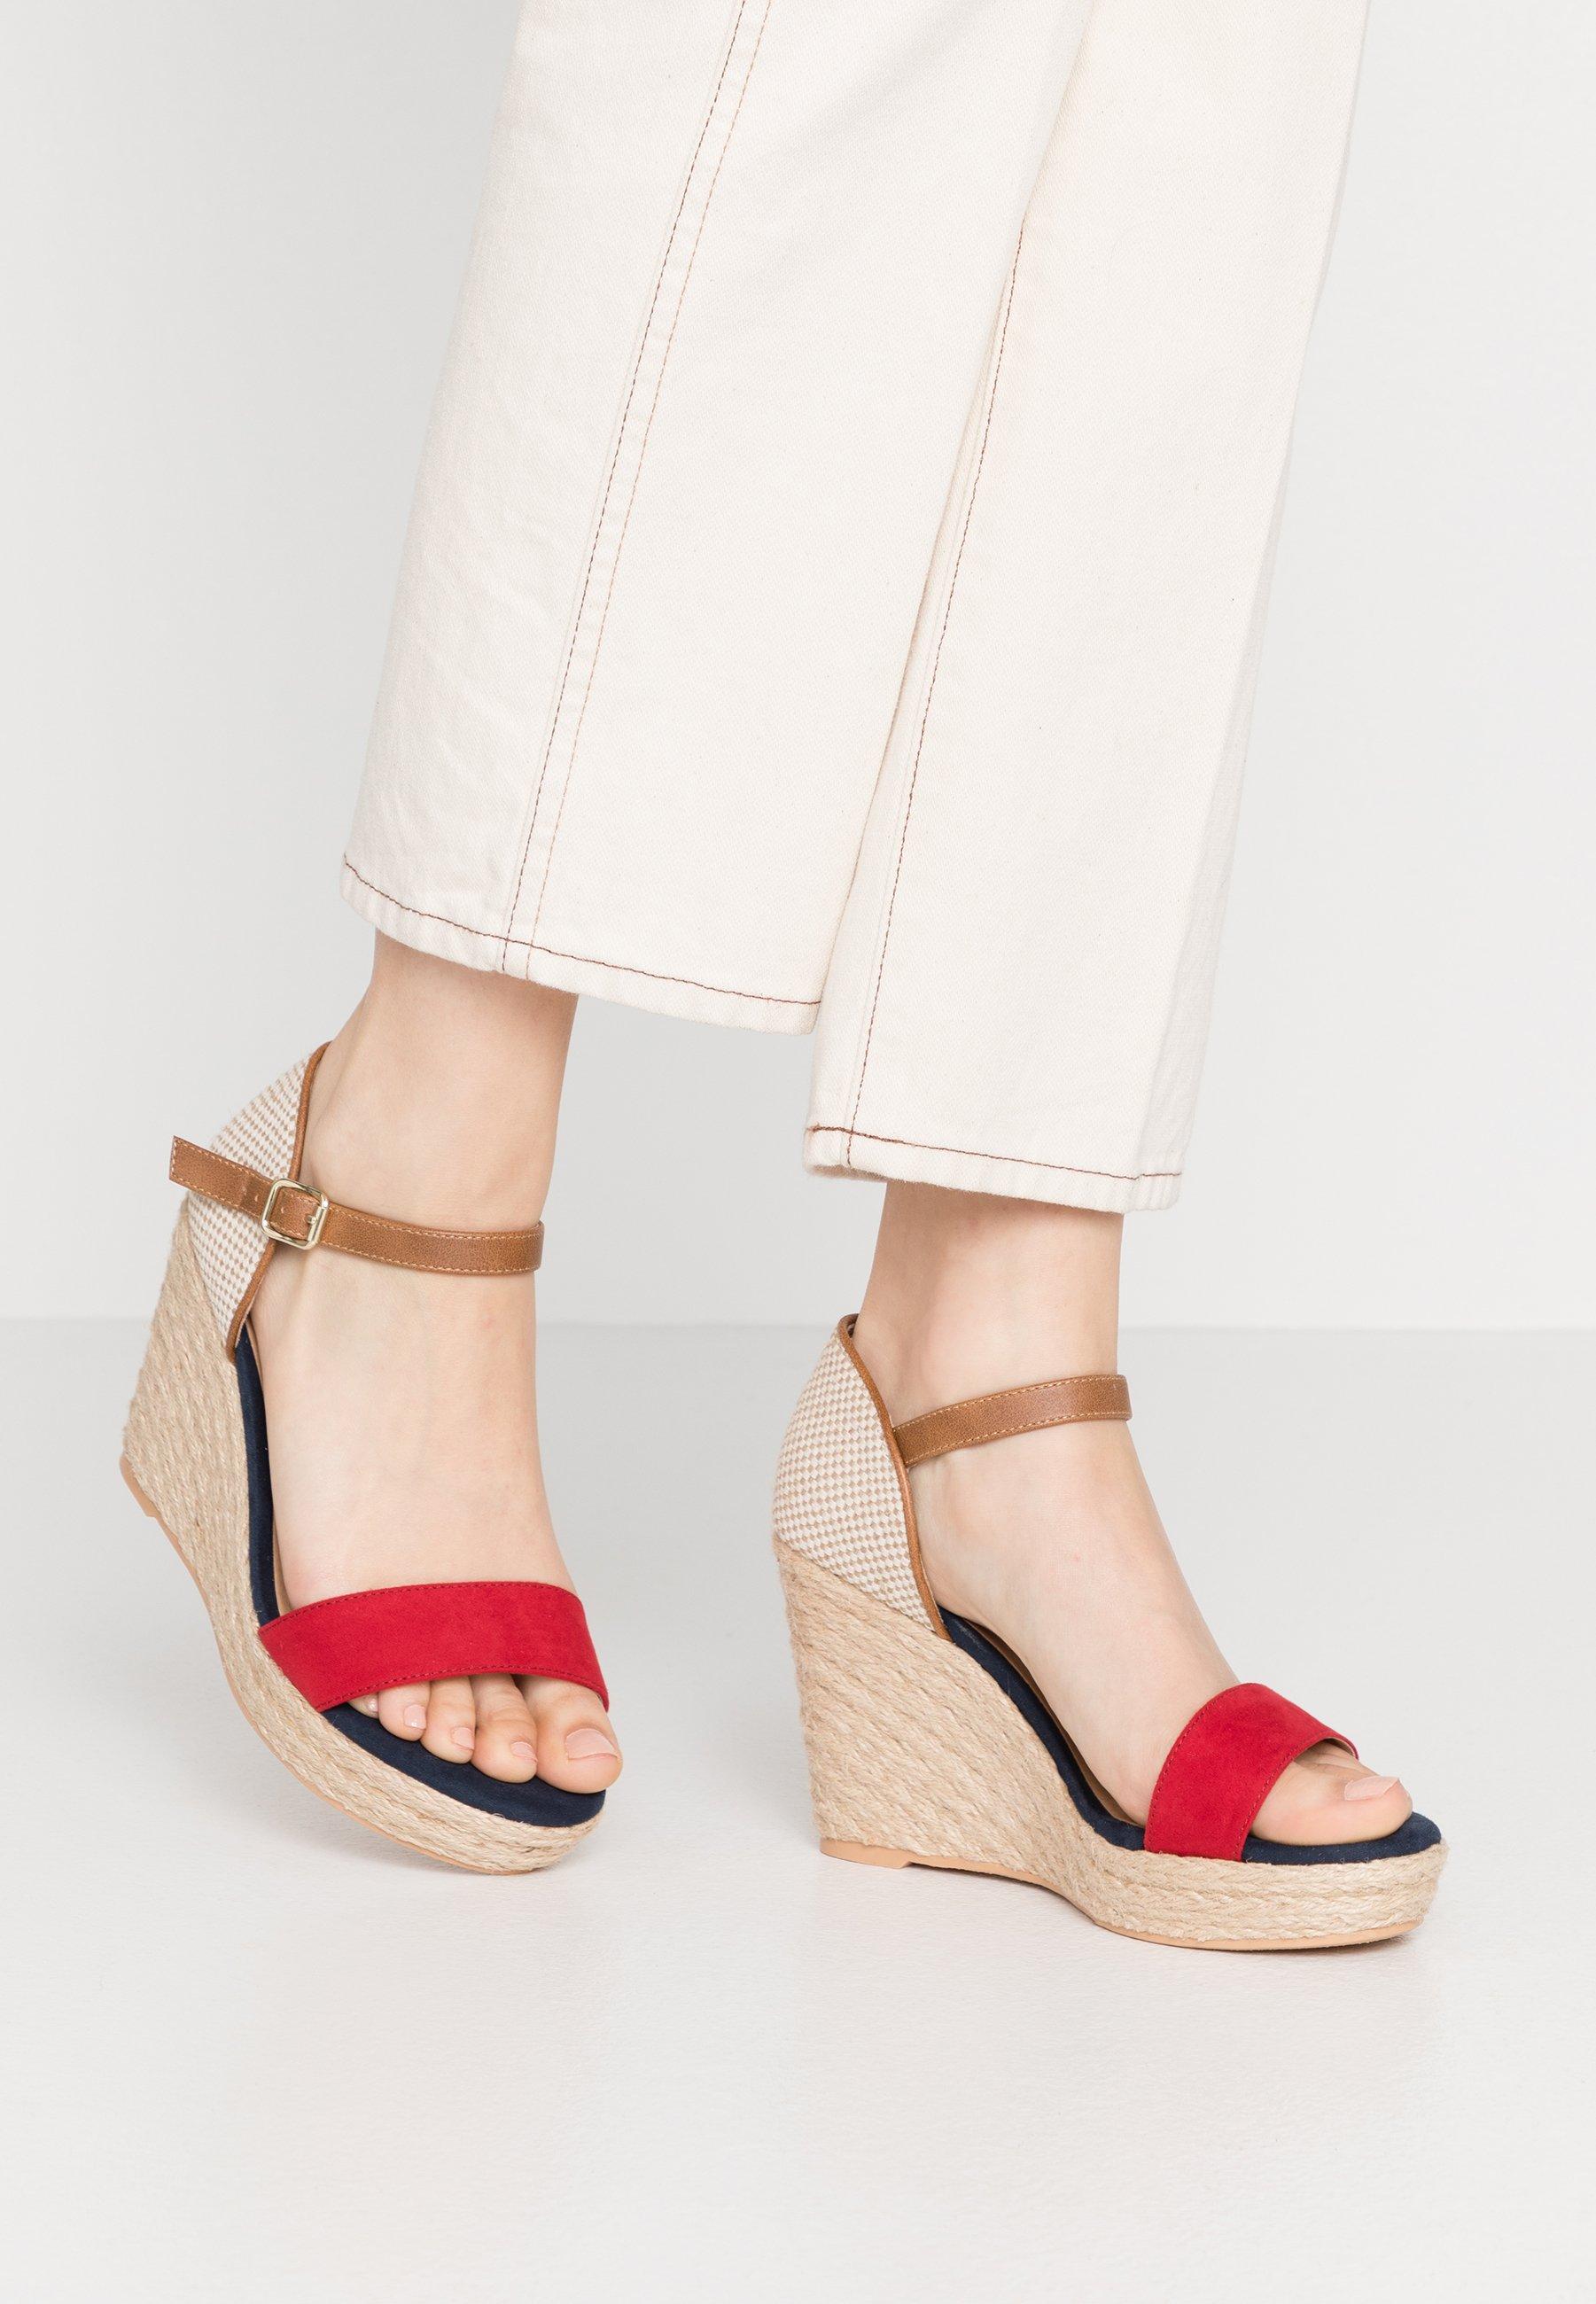 Sandali con plateau rosso | La nuova collezione su Zalando